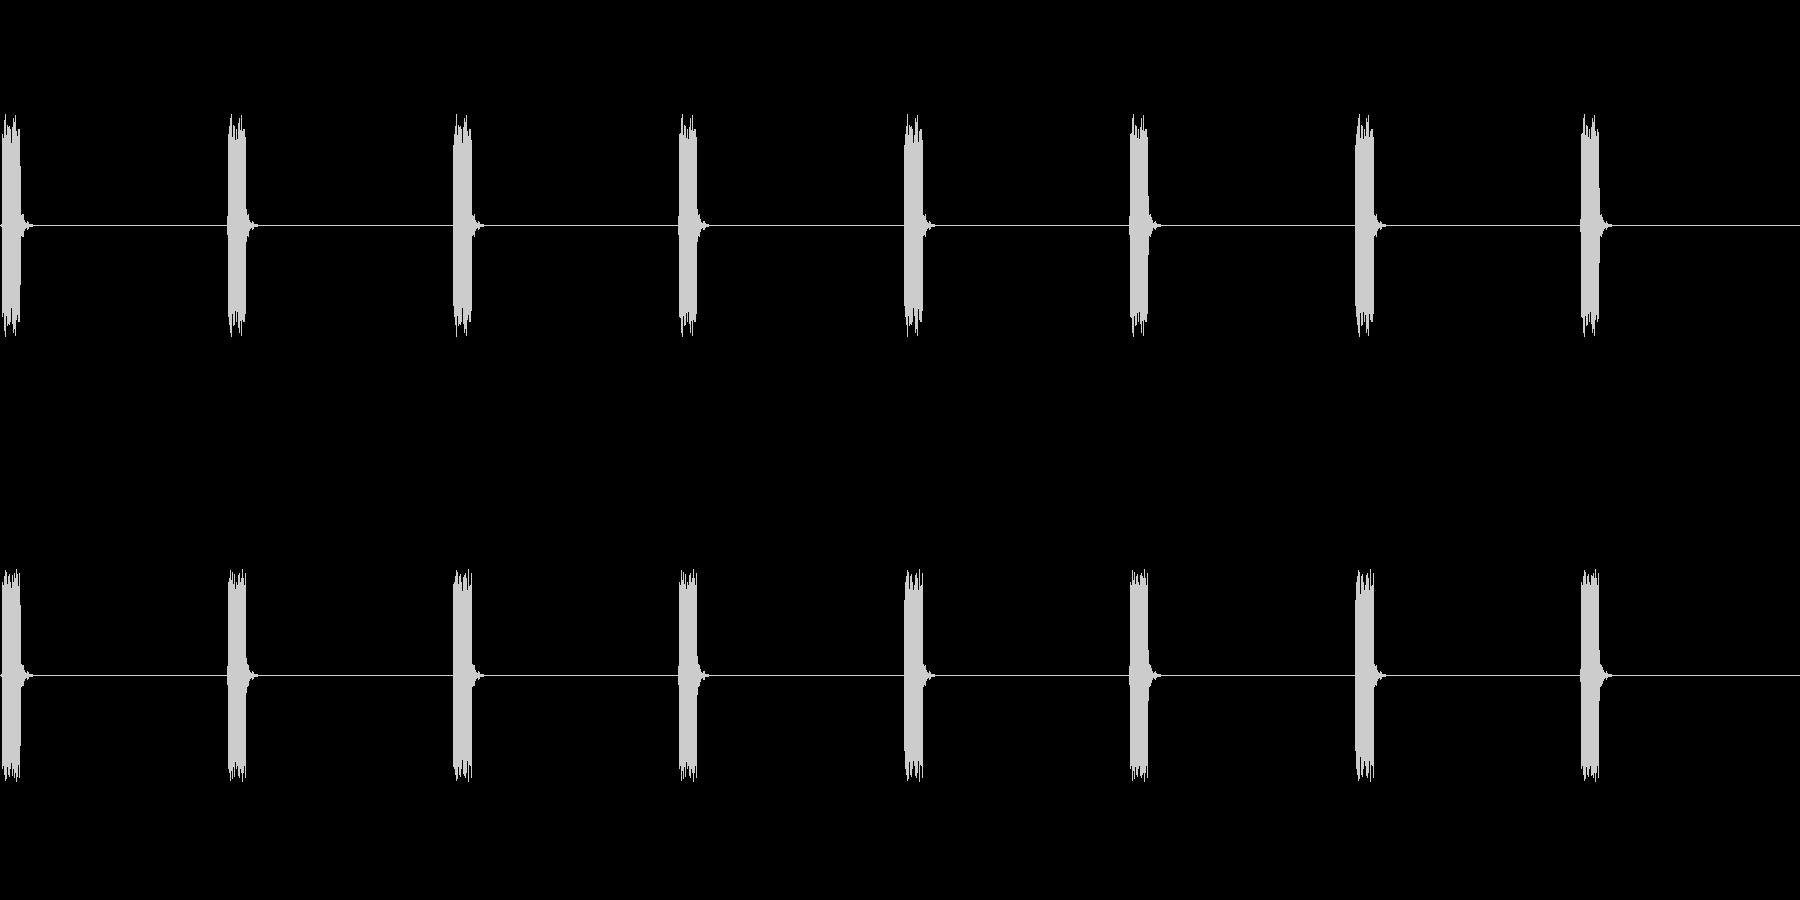 【電子音】心電図 ピッピッピッ(規則的)の未再生の波形